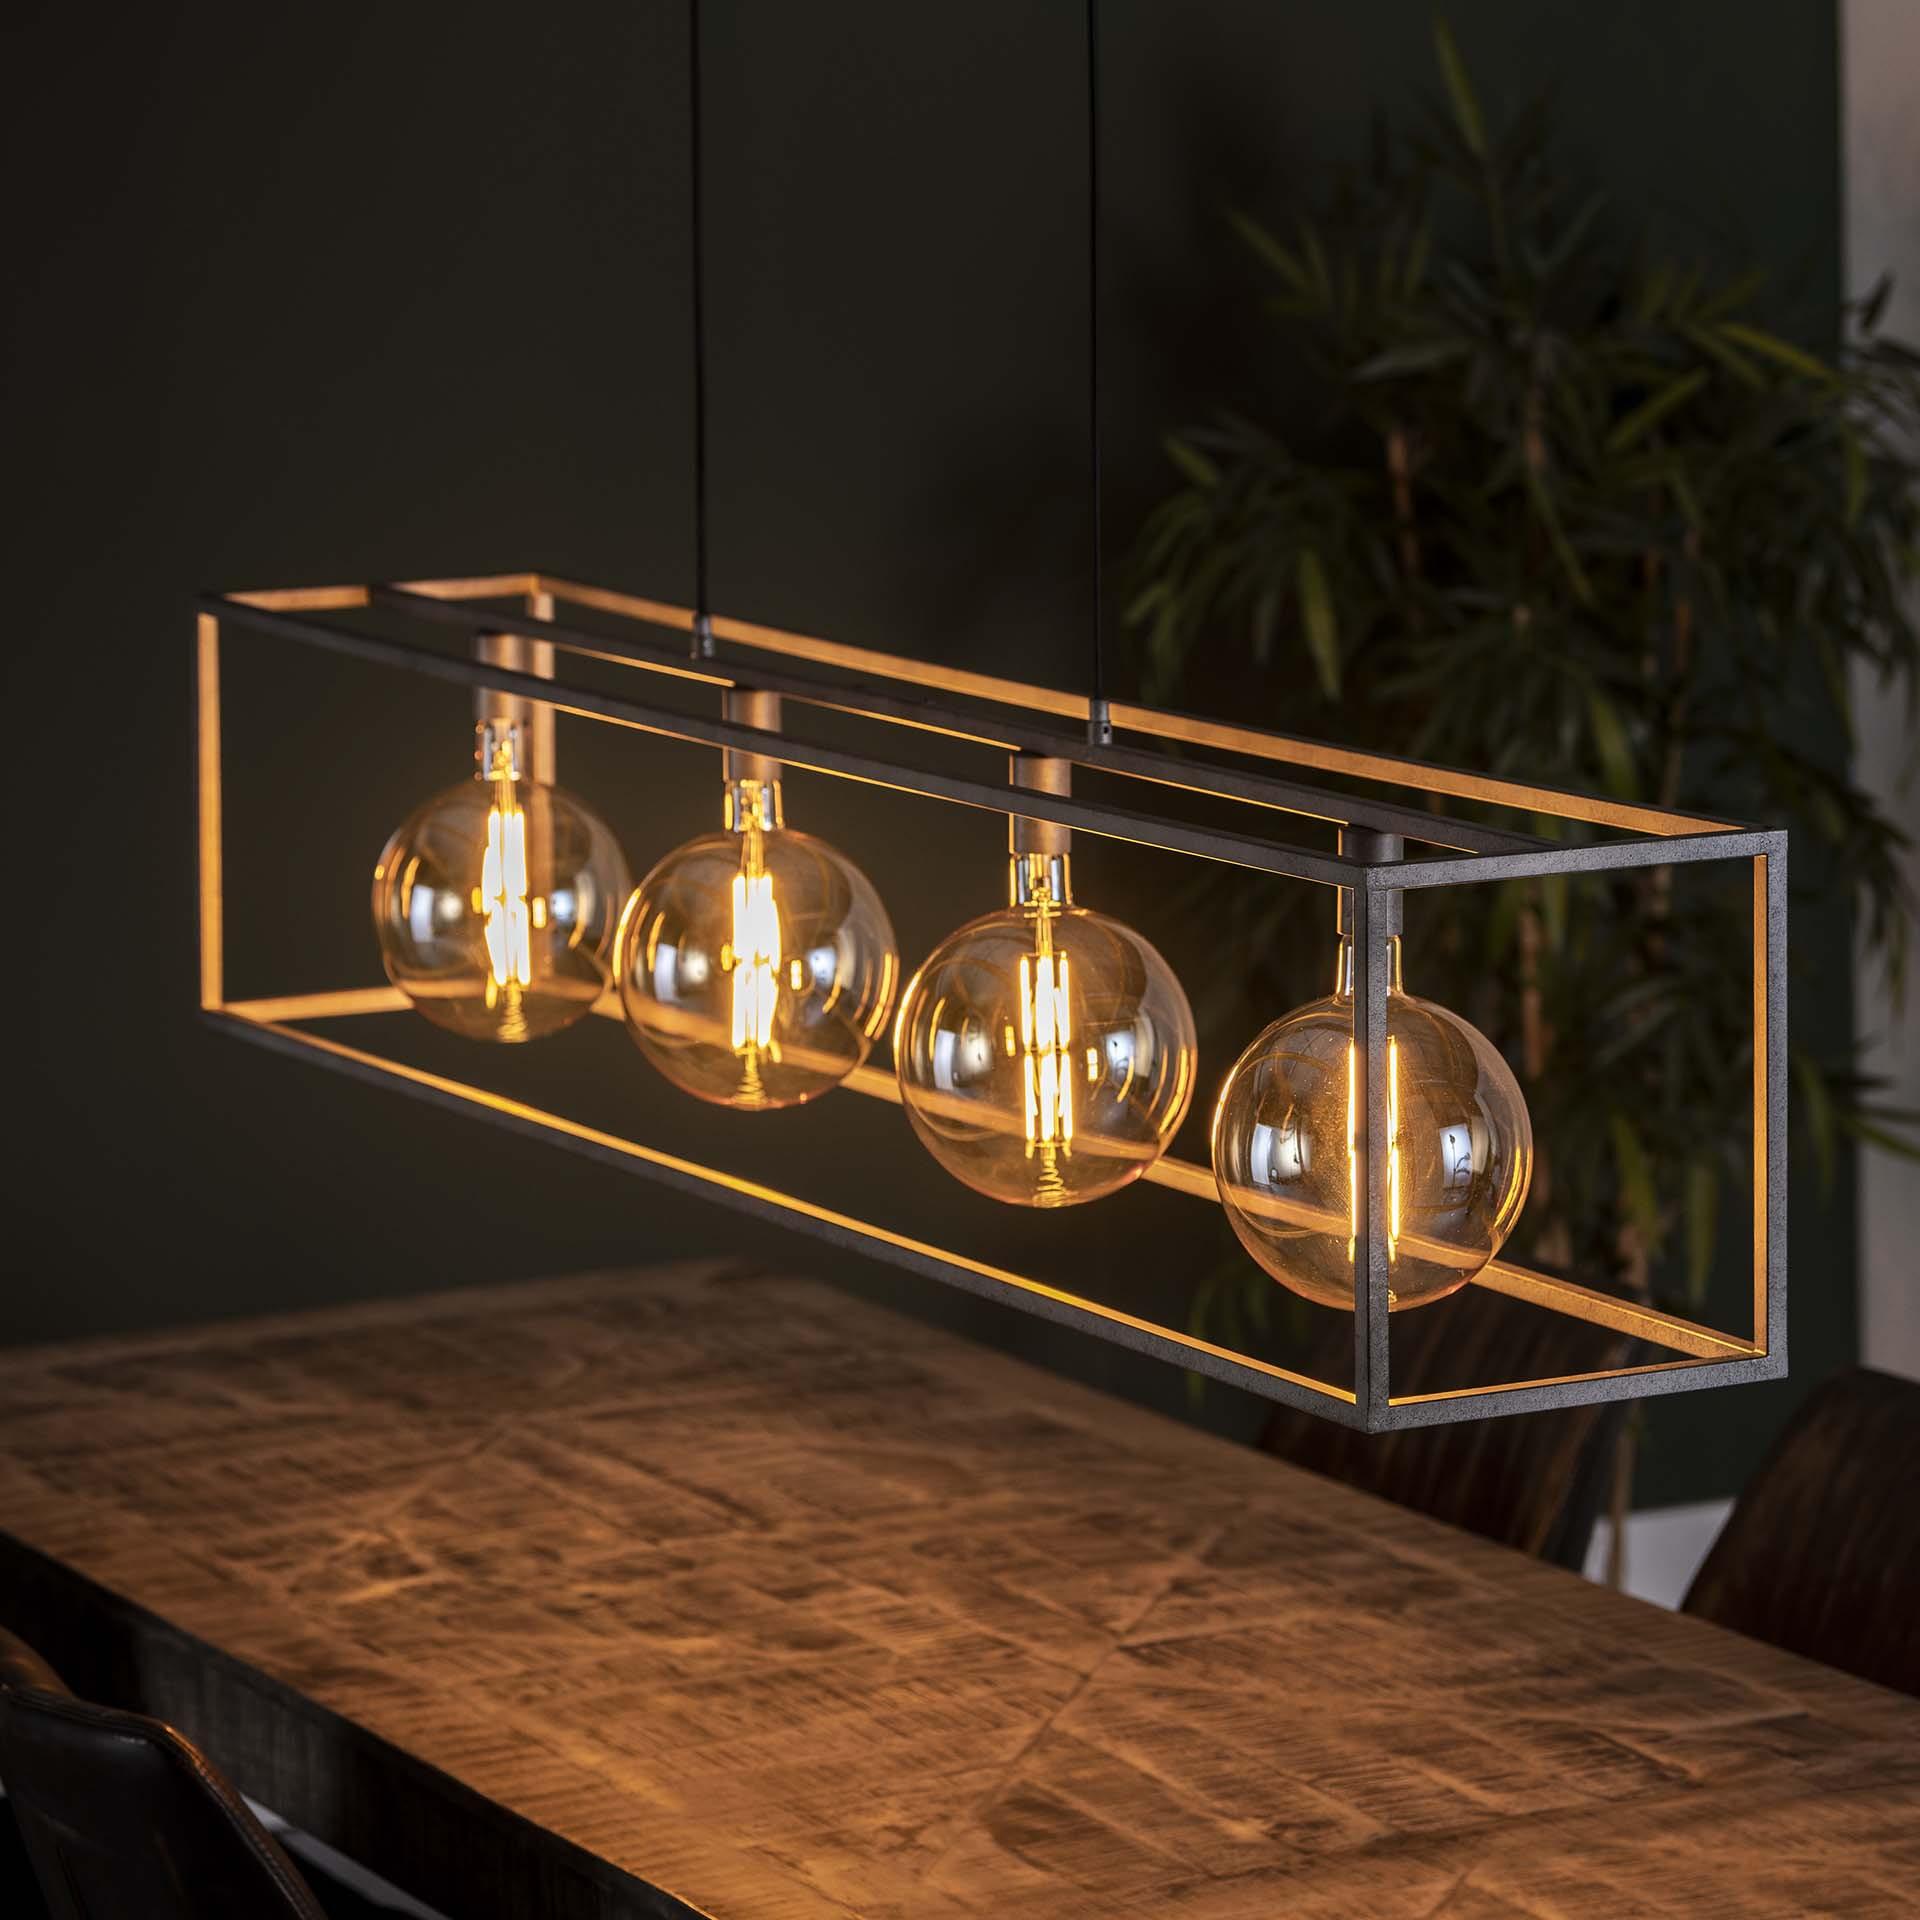 Hanglamp 'Lora' Oud zilver, 4-lamps